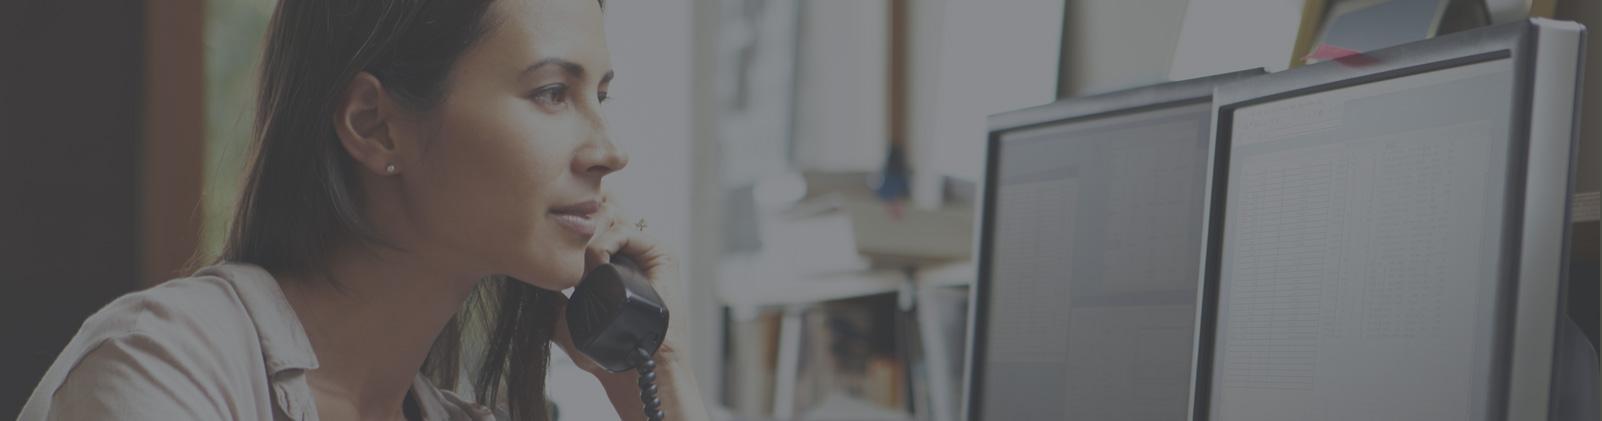 Inbound Marketing | Sales Consulting | Dallas TX